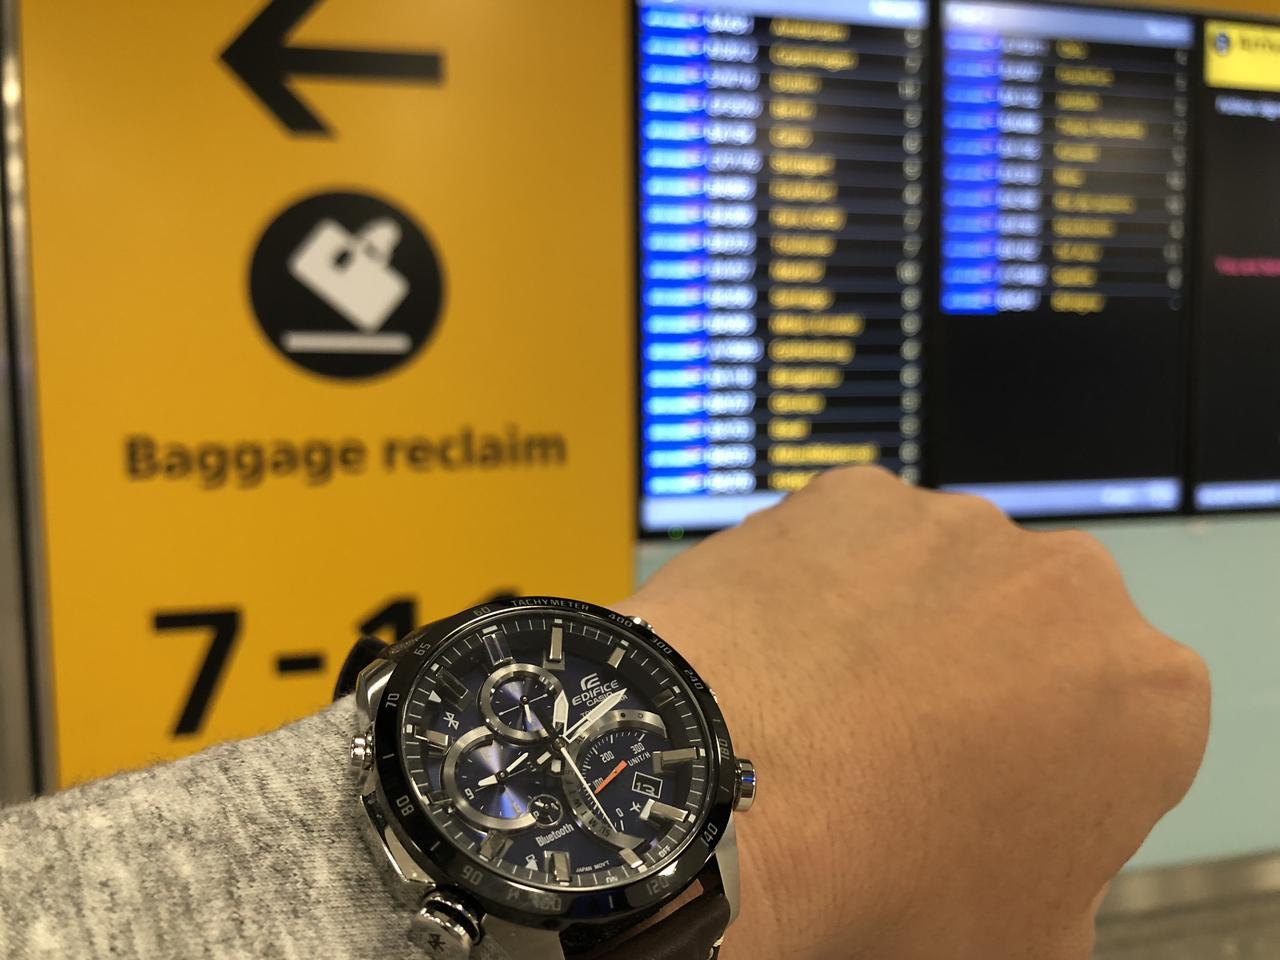 画像: 普通なら現地の空港に着いてから時刻を合わせなきゃならないのに、機内でのボタンのワン・プッシュだけでOK。羽田空港でセットしておいたロンドンの時間がメインに、東京の時間がサブにと自動的に切り替わってくれて、ヒースロー空港に着いたときには現地時刻を手に入れてるってわけだ。もちろん寝不足によるミスだってない。これは本当に便利。